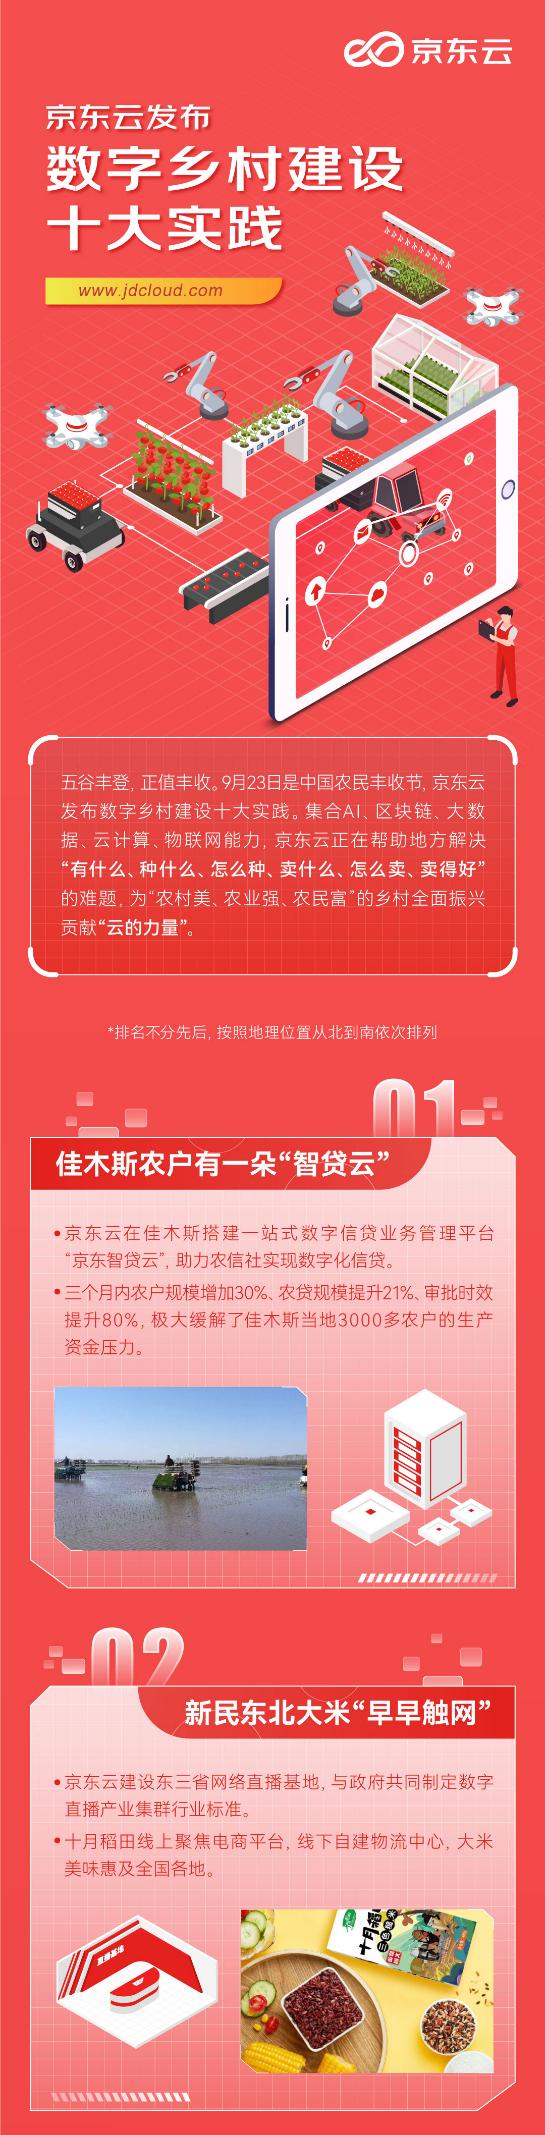 乡村振兴,上云奔富 京东云丰收节发布数字乡村十大实践